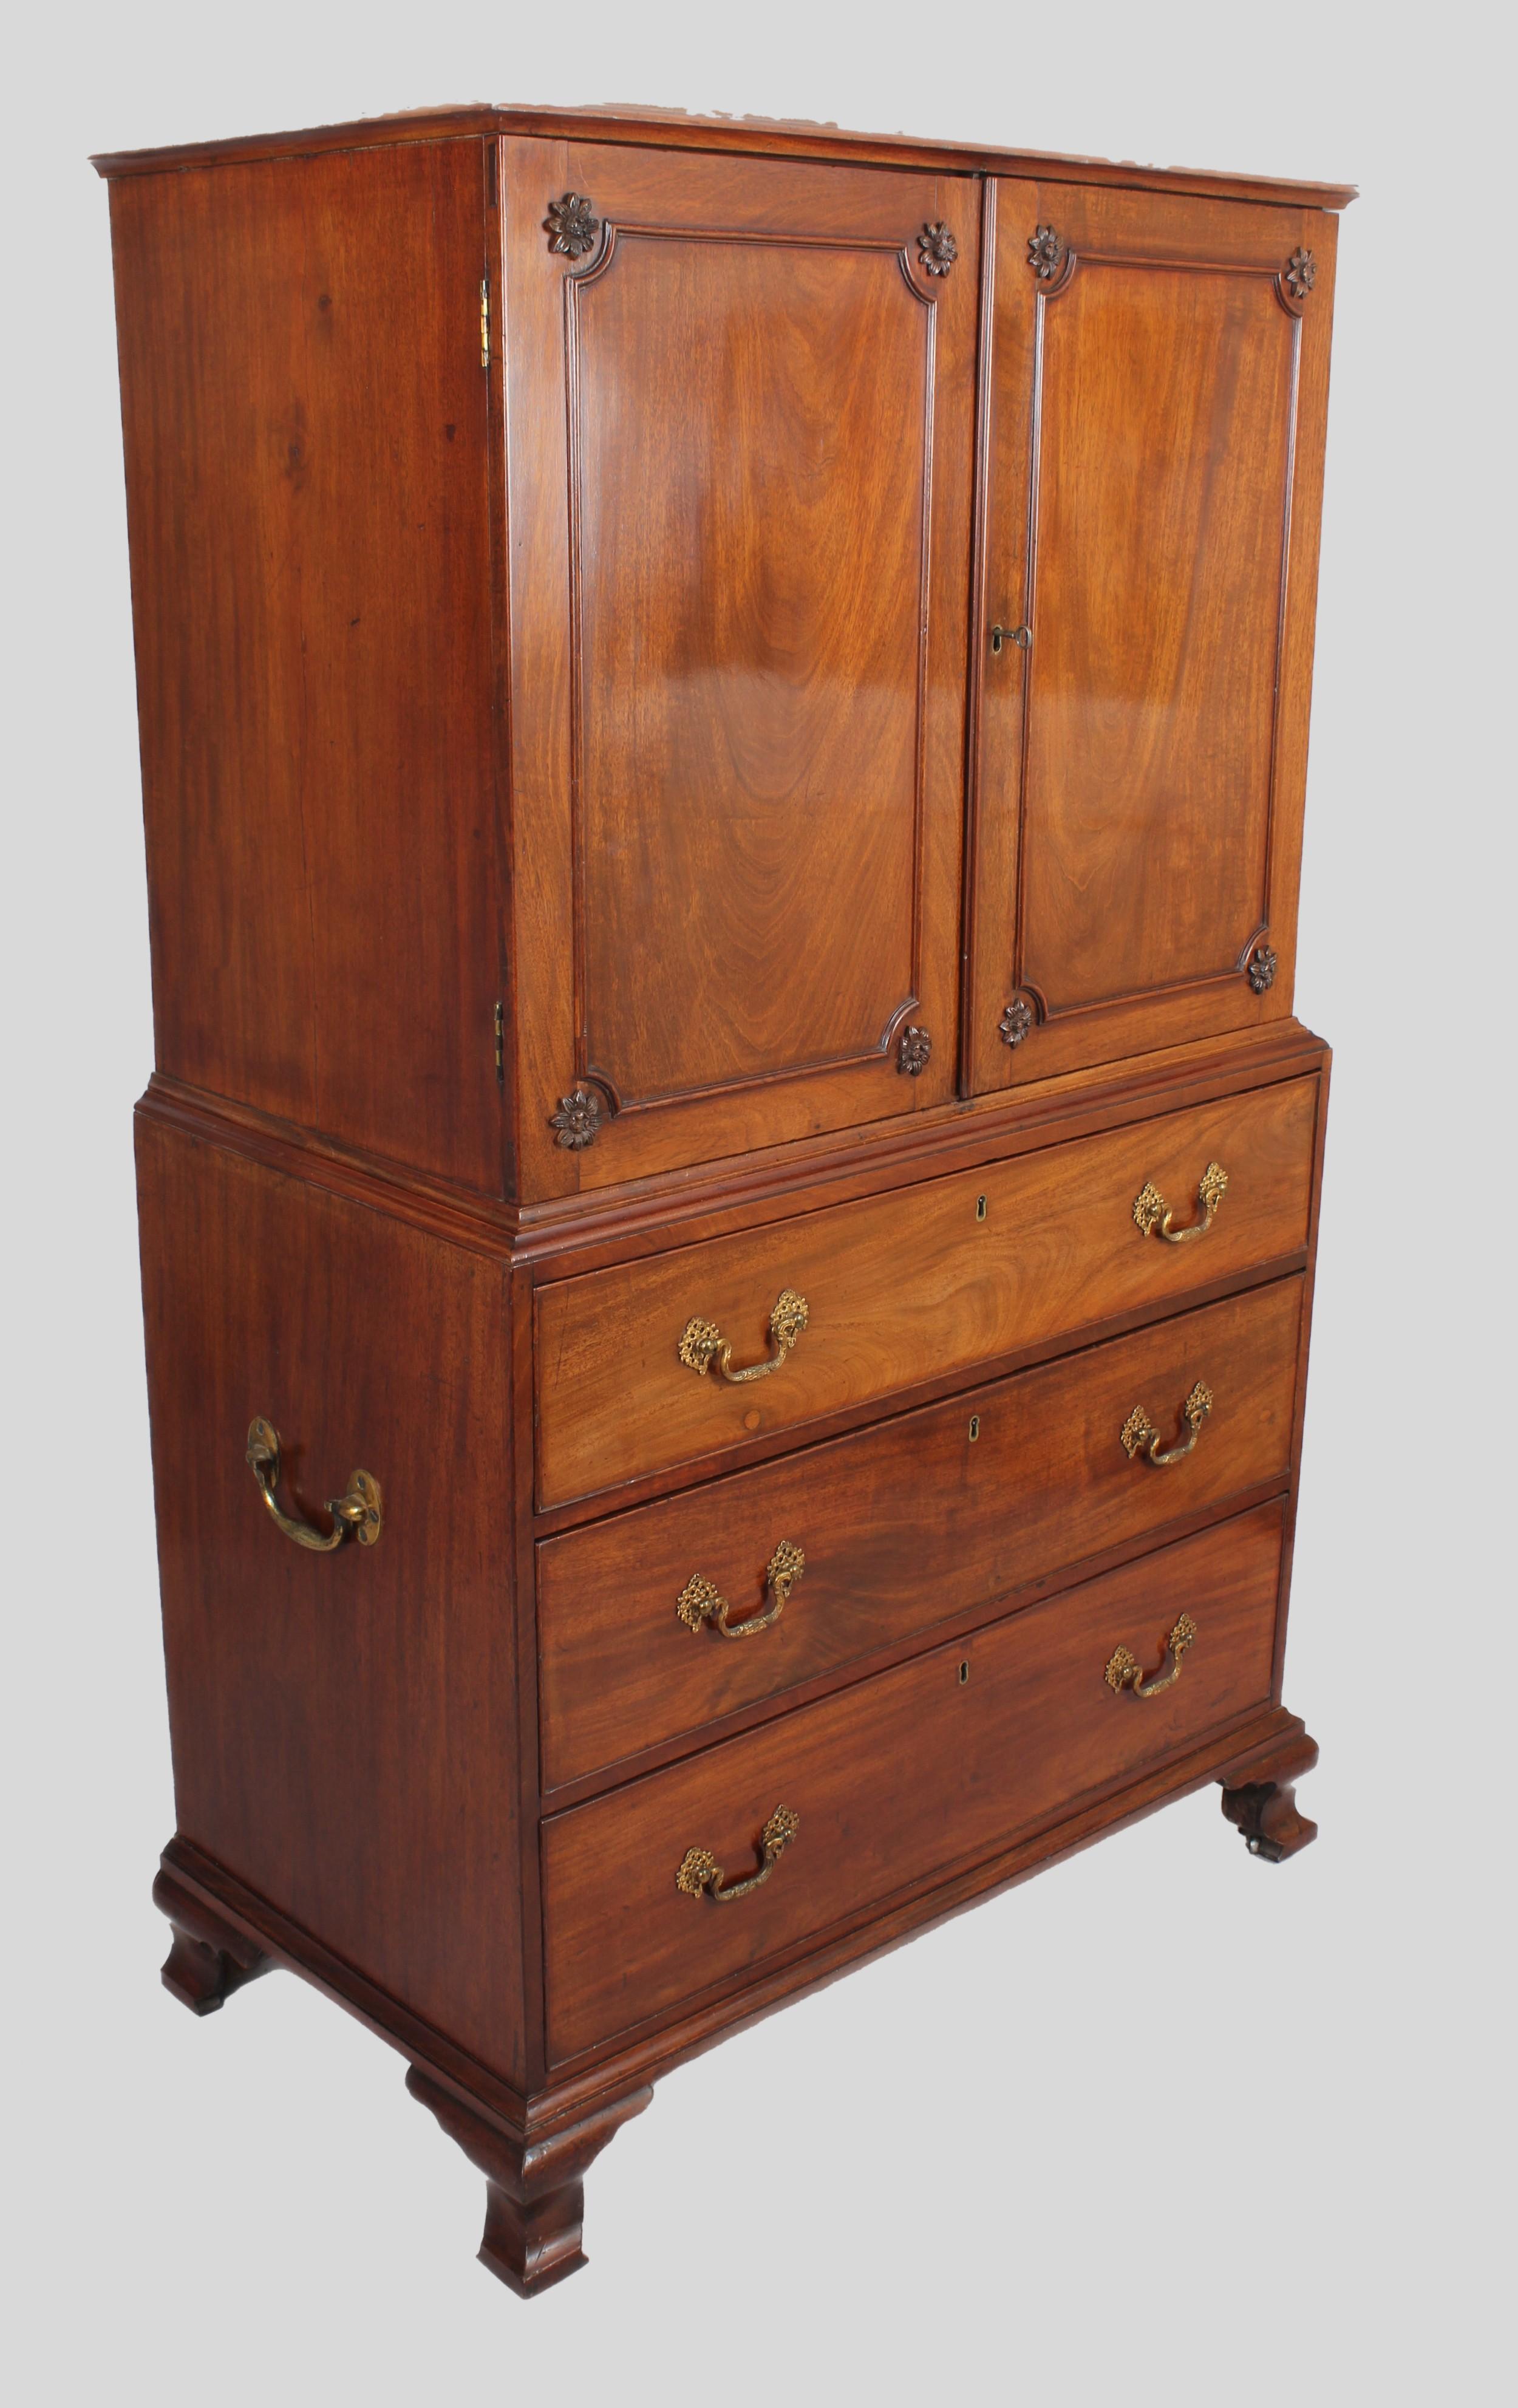 a delightfully small 18th century mahogany cabinet